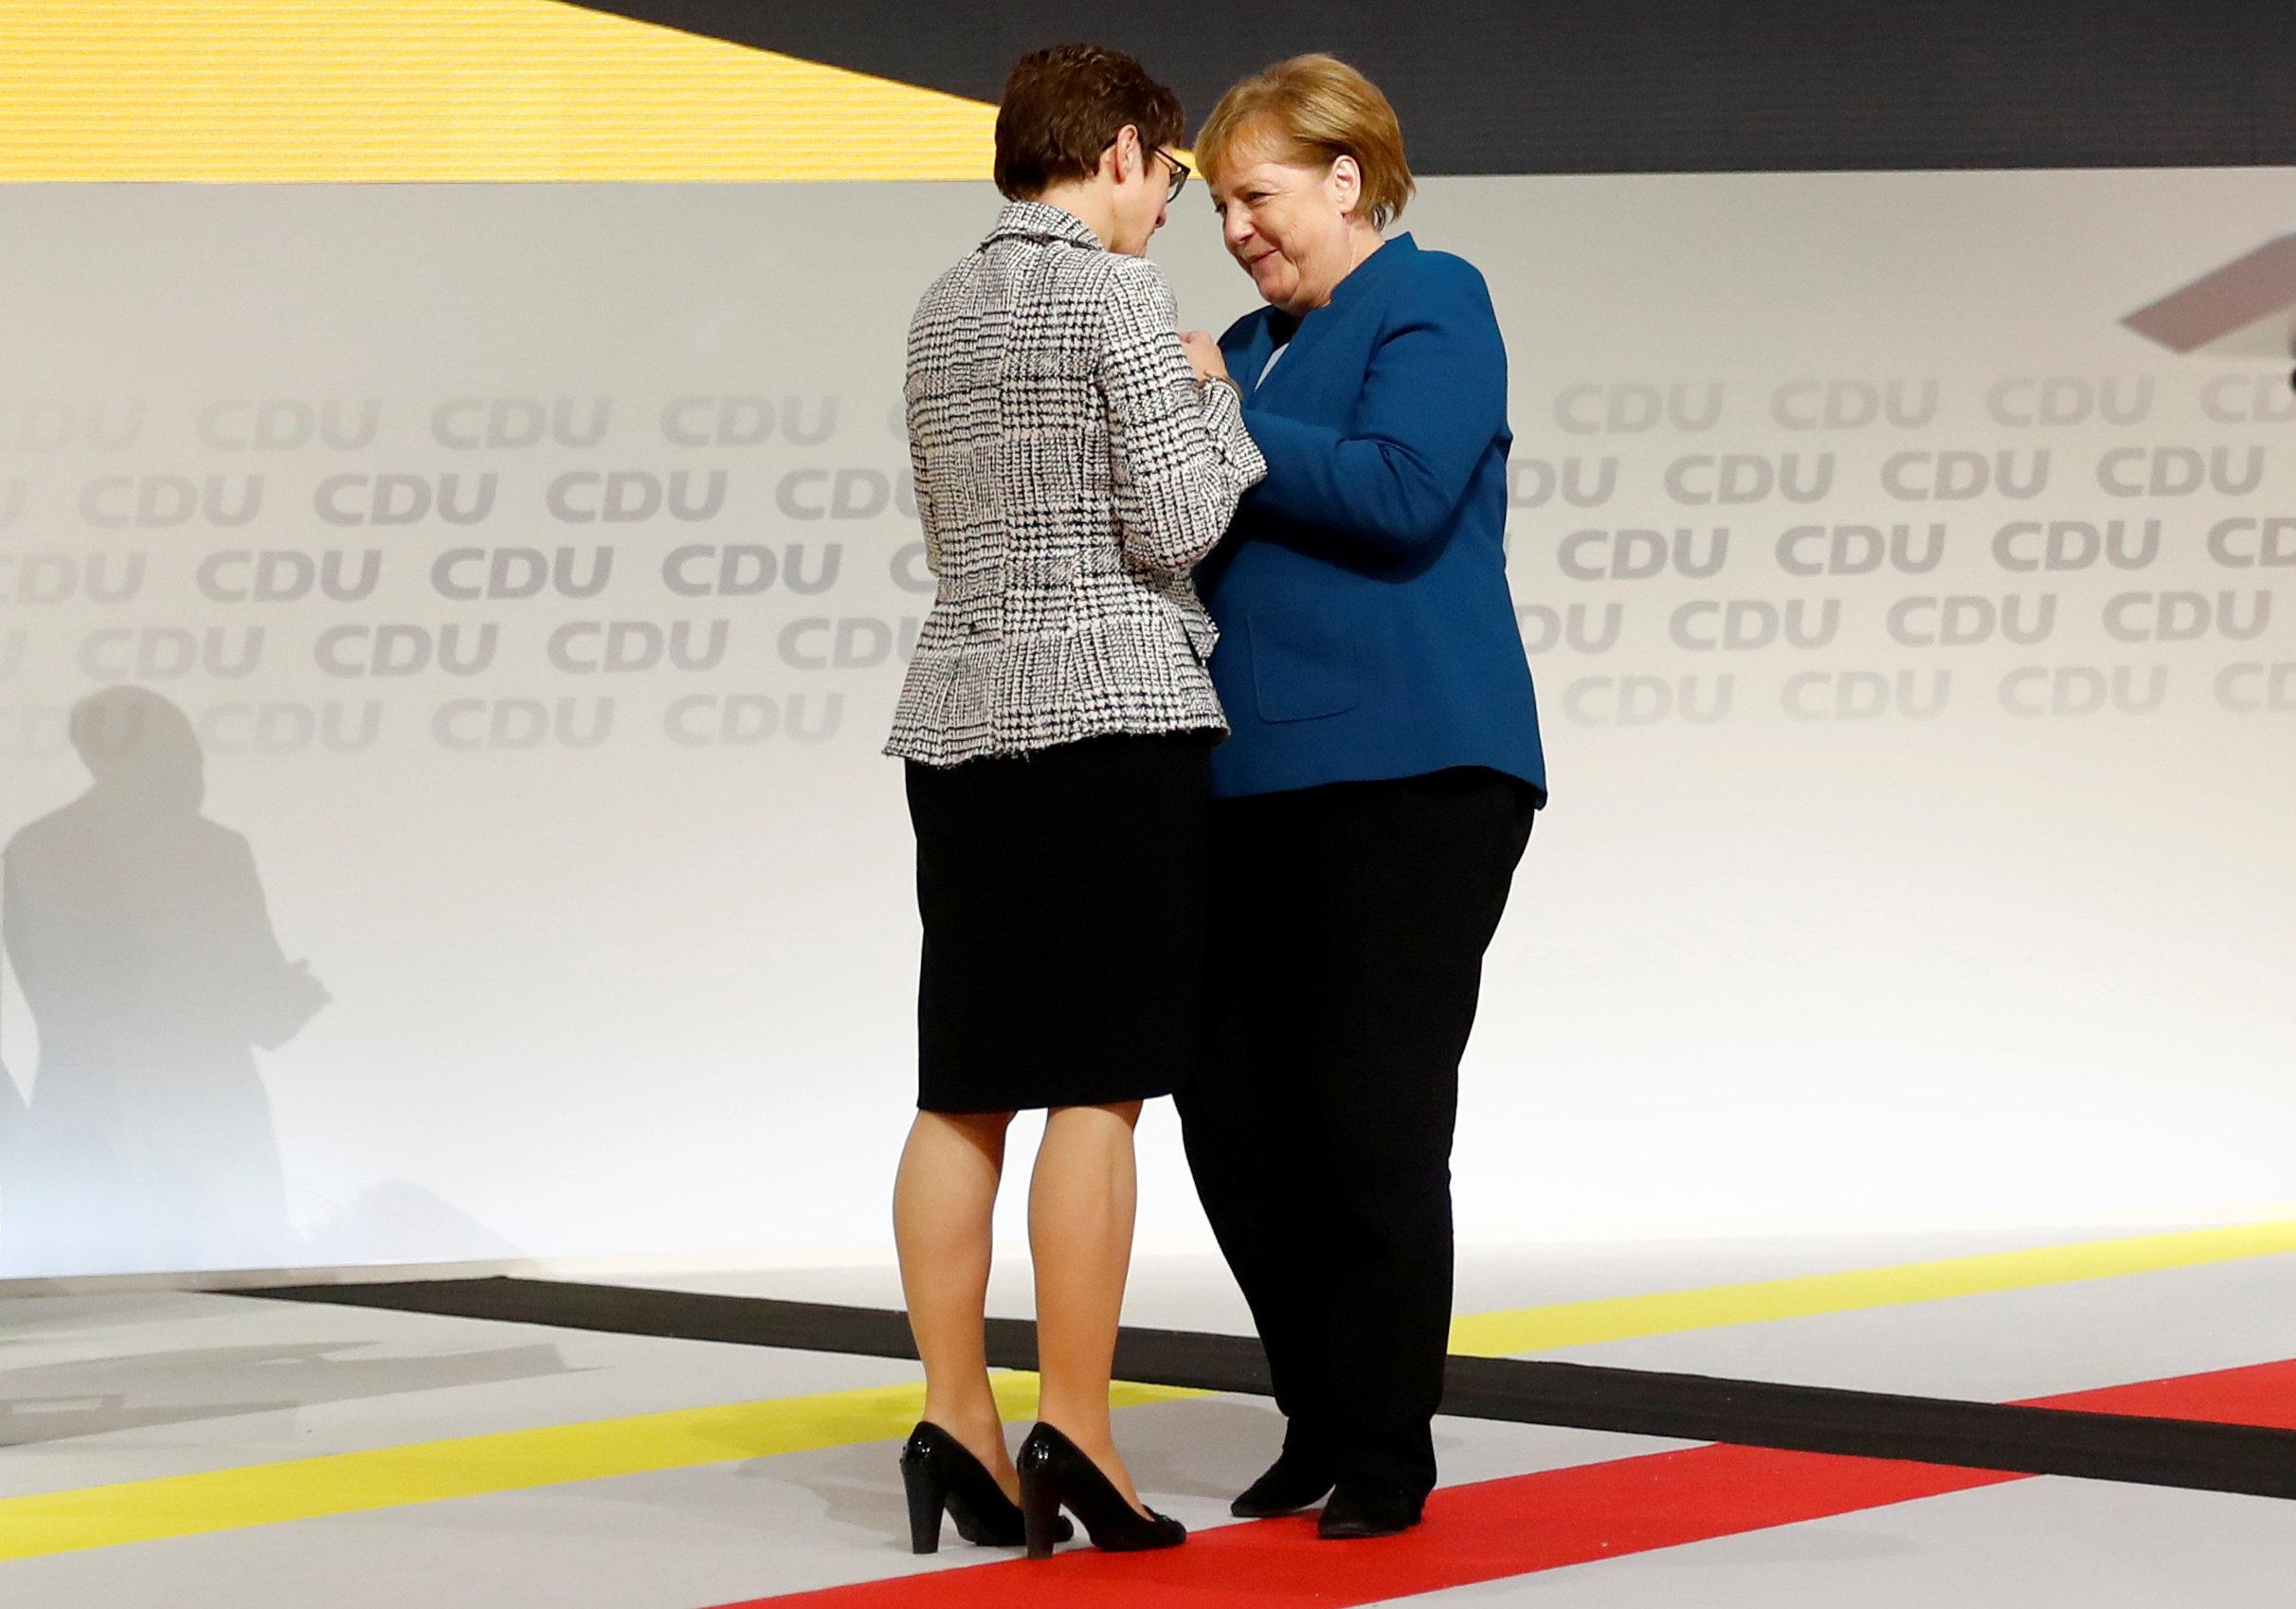 AKK wird neue CDU-Chefin: So reagiert Angela